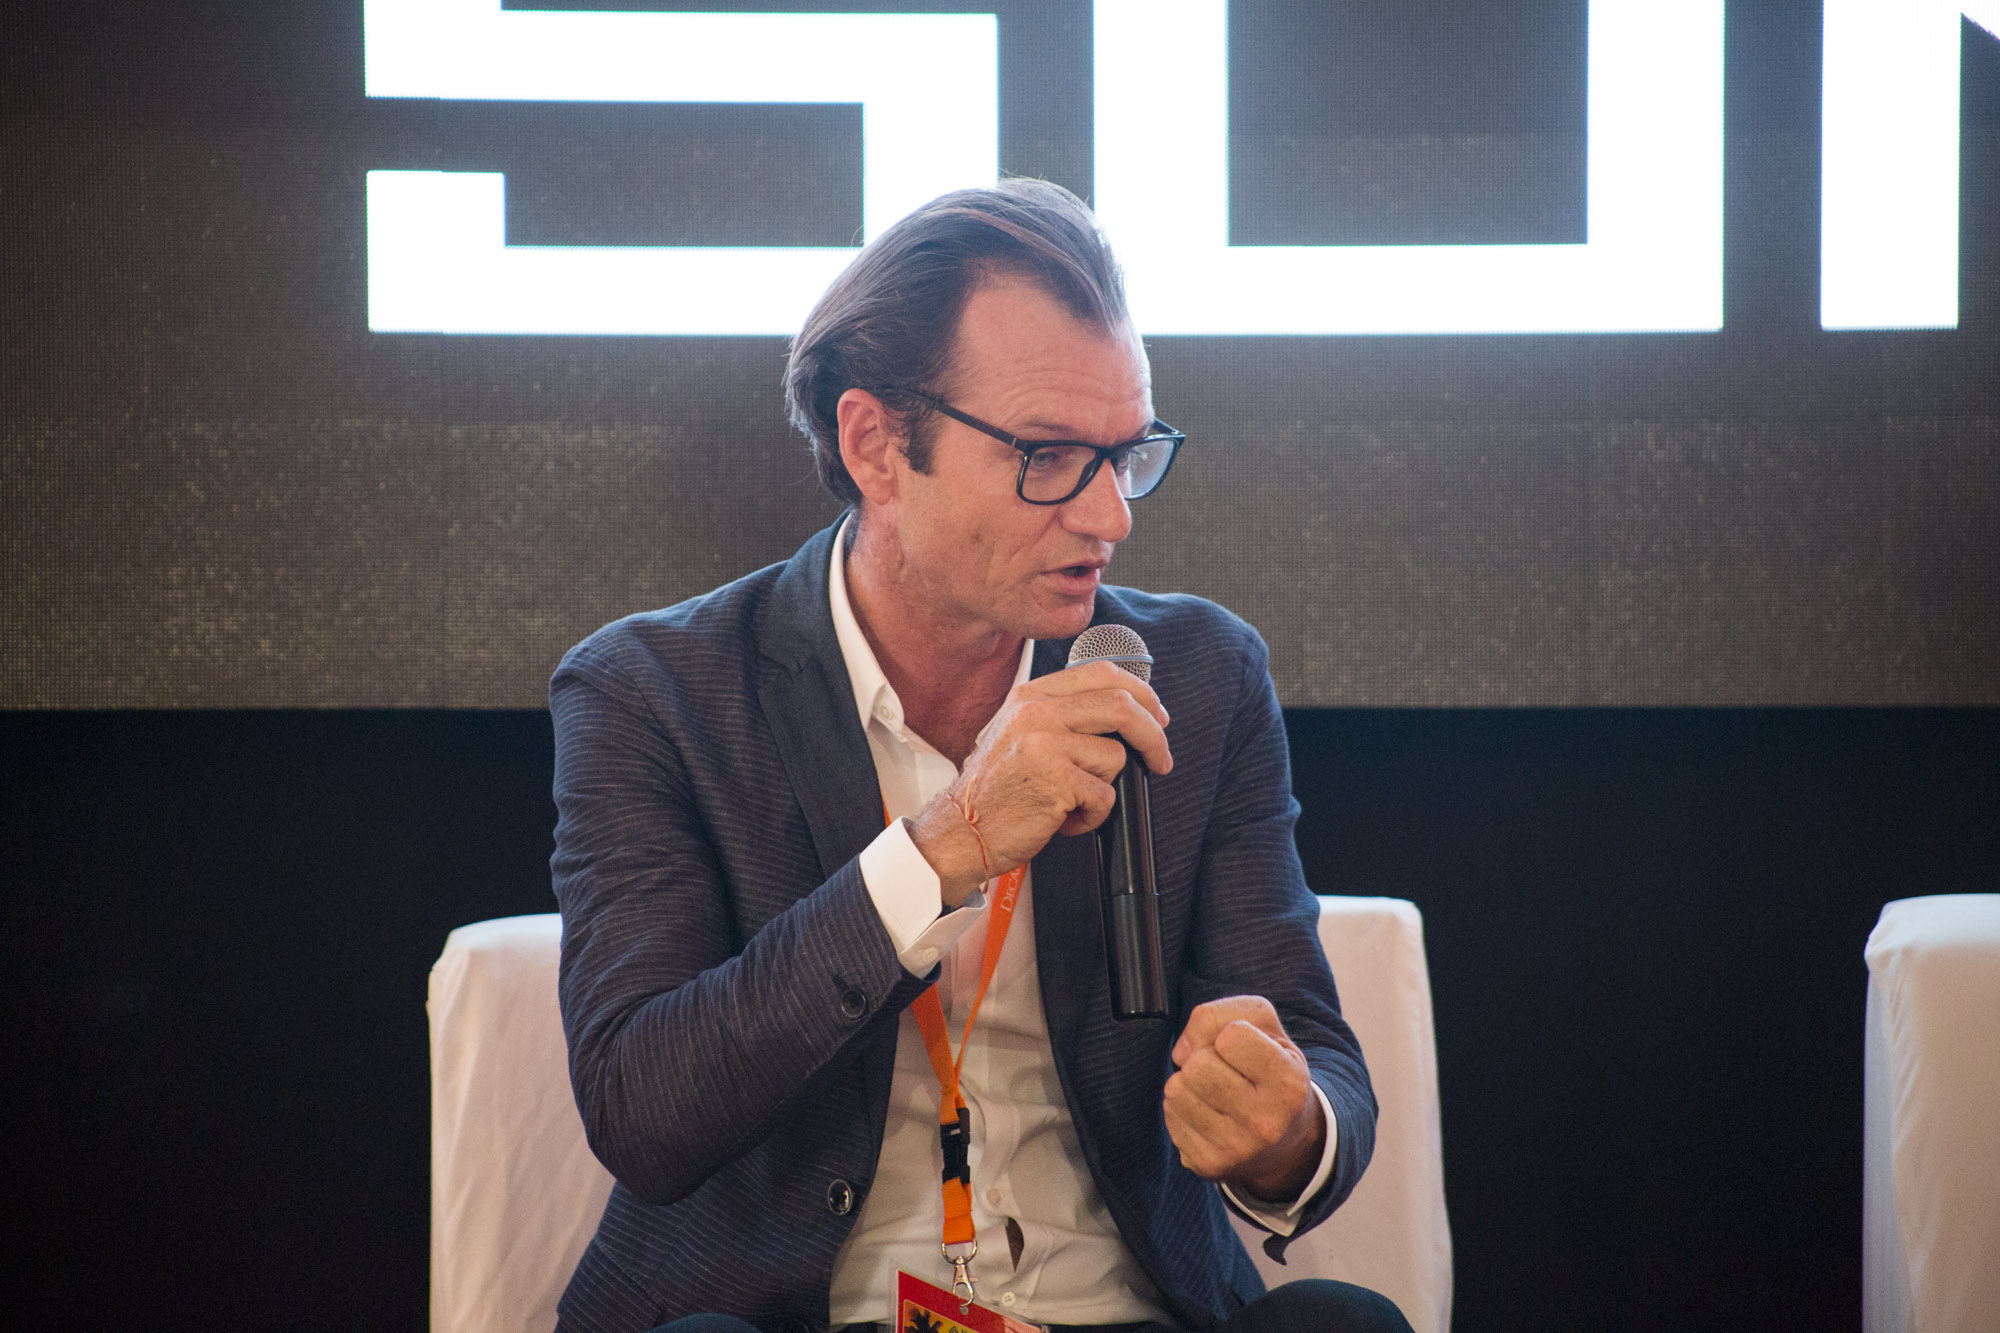 Maarten Boute répondra à l'invitation du Commissaire du gouvernement